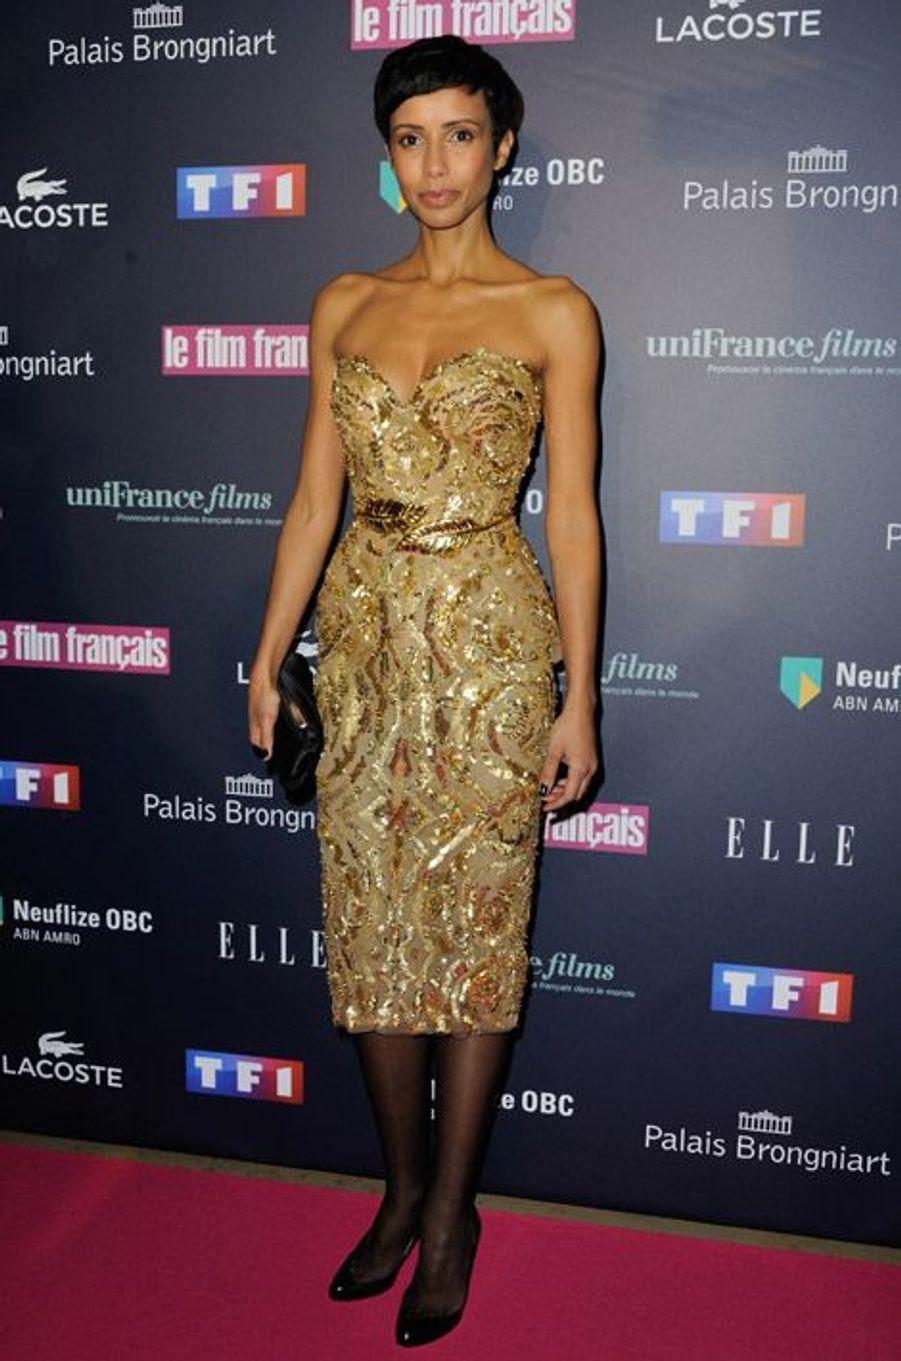 L'ancienne Miss France, Sonia Rolland, lors de la cérémonie des Trophées du Film Français, à Paris, le 12 février 2015